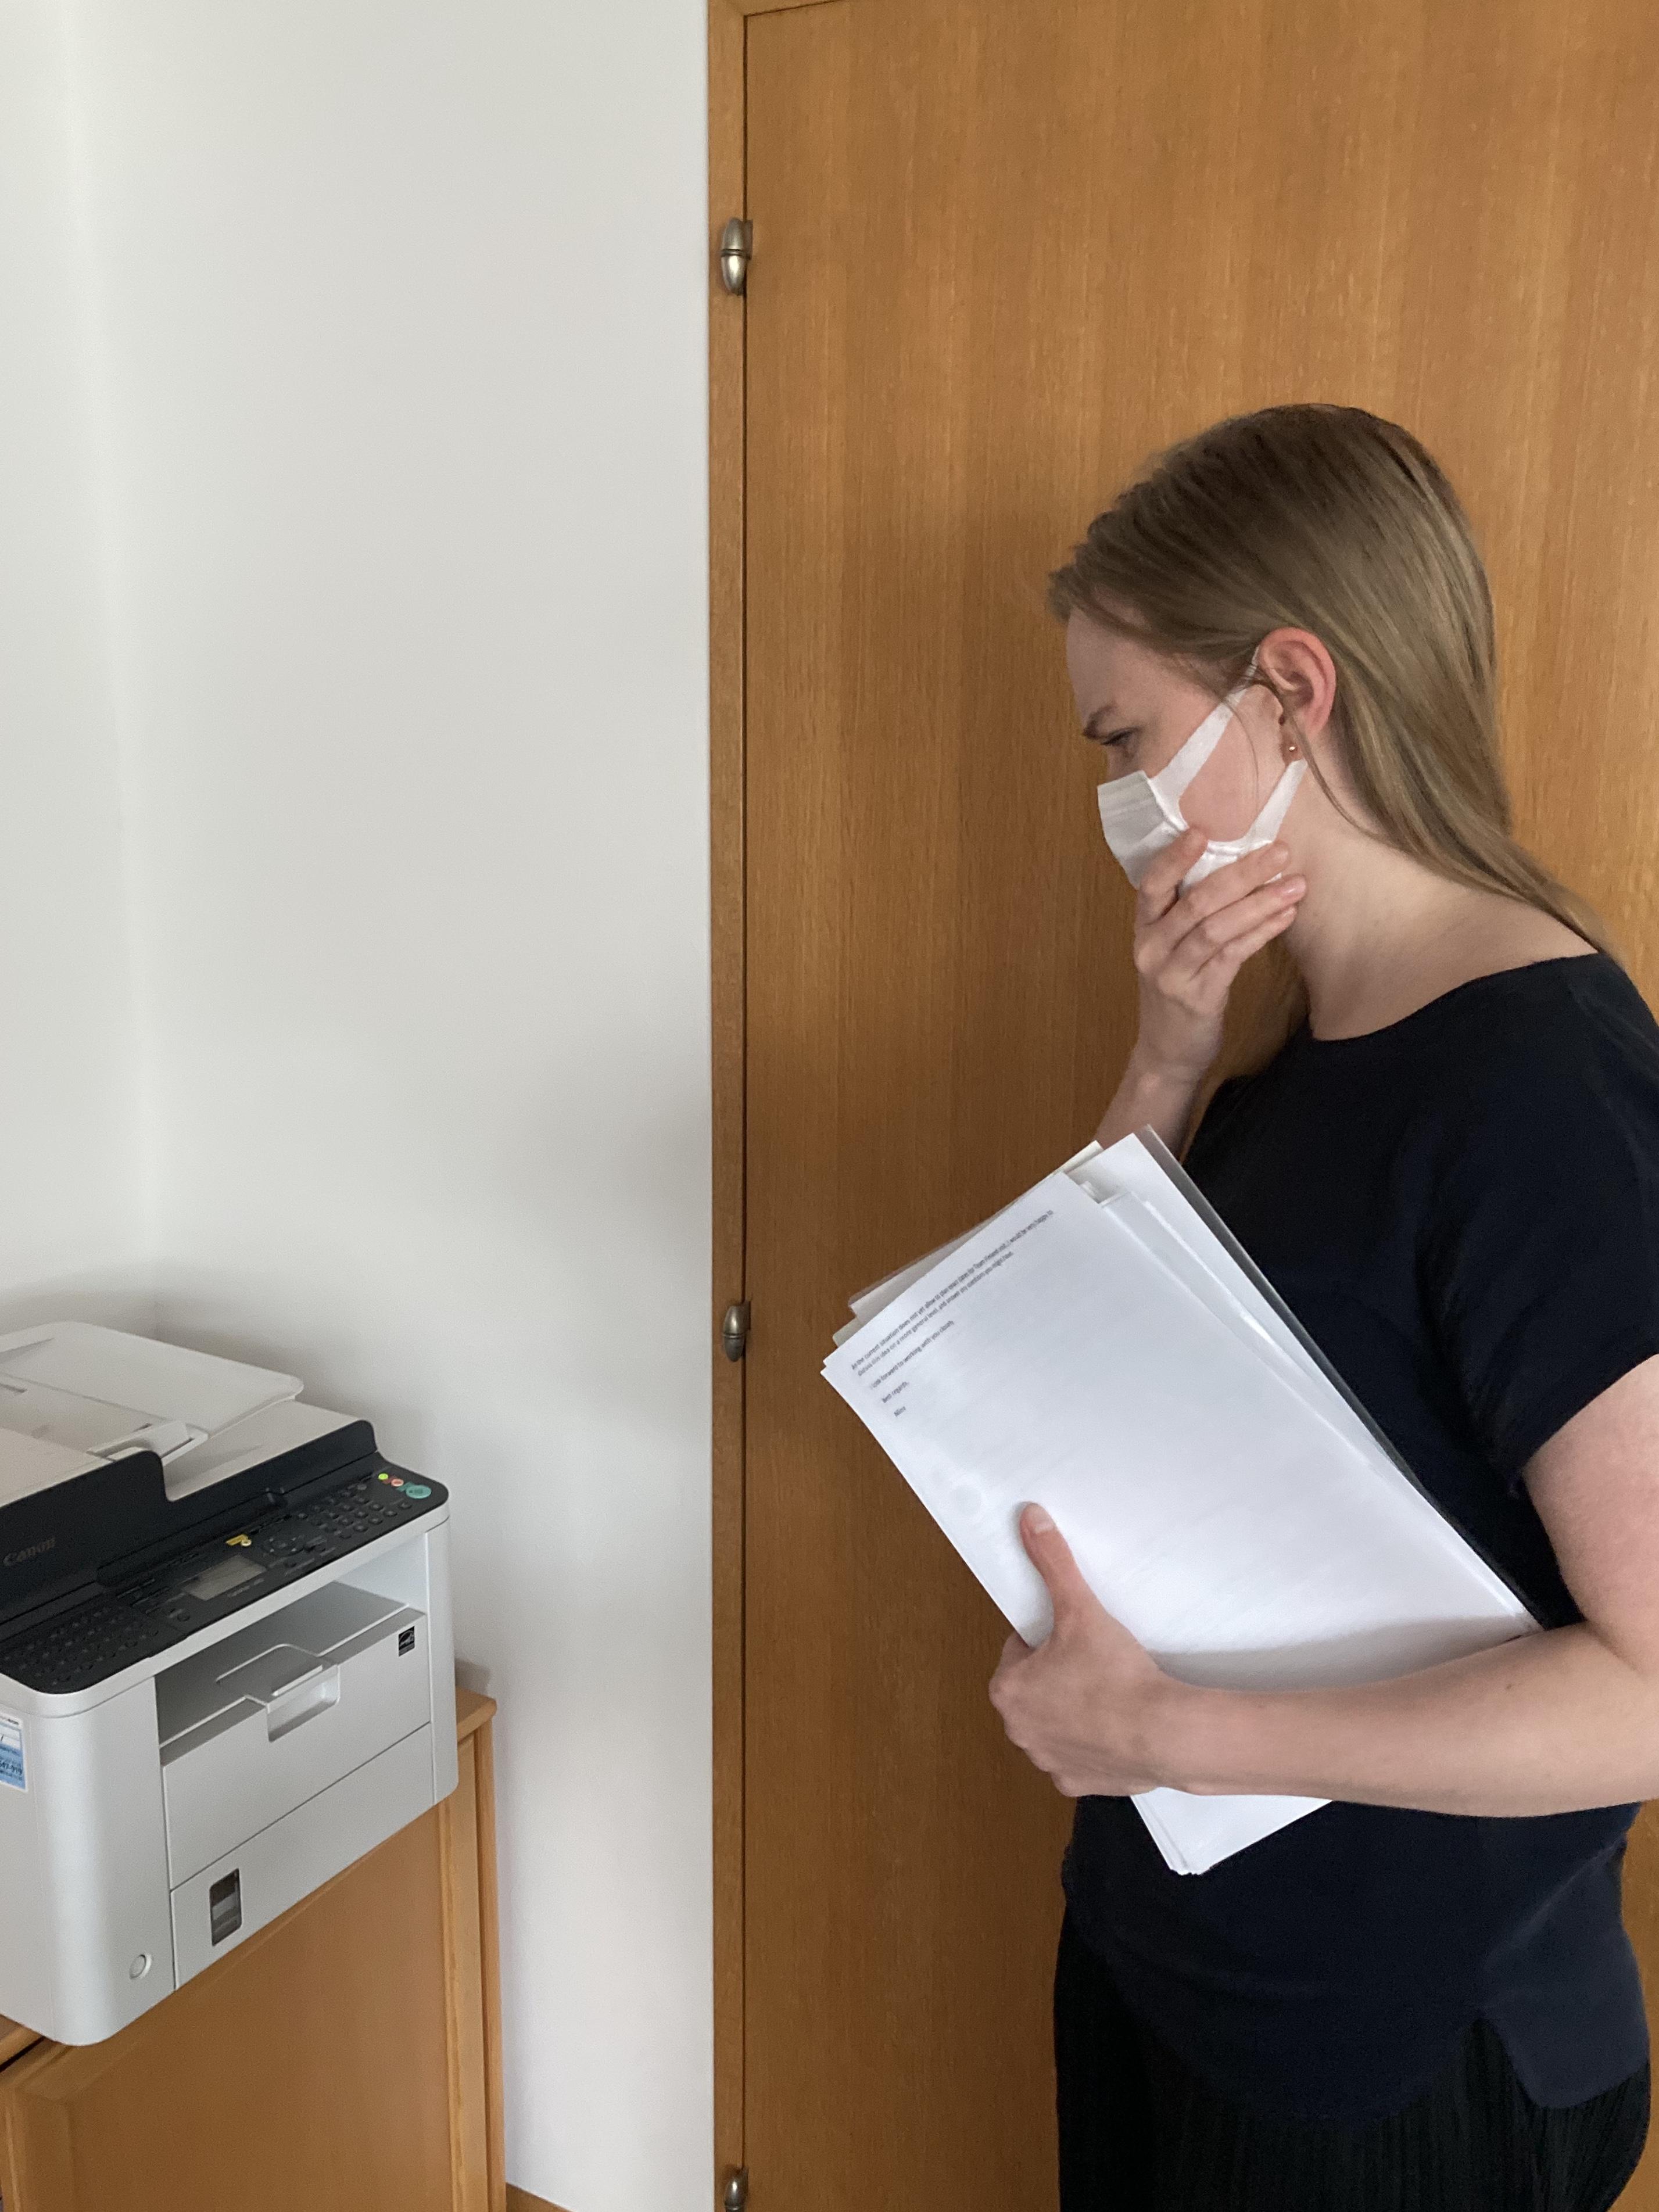 Kirjoittaja ihmettelee faksilaitetta paperipino kädessään.